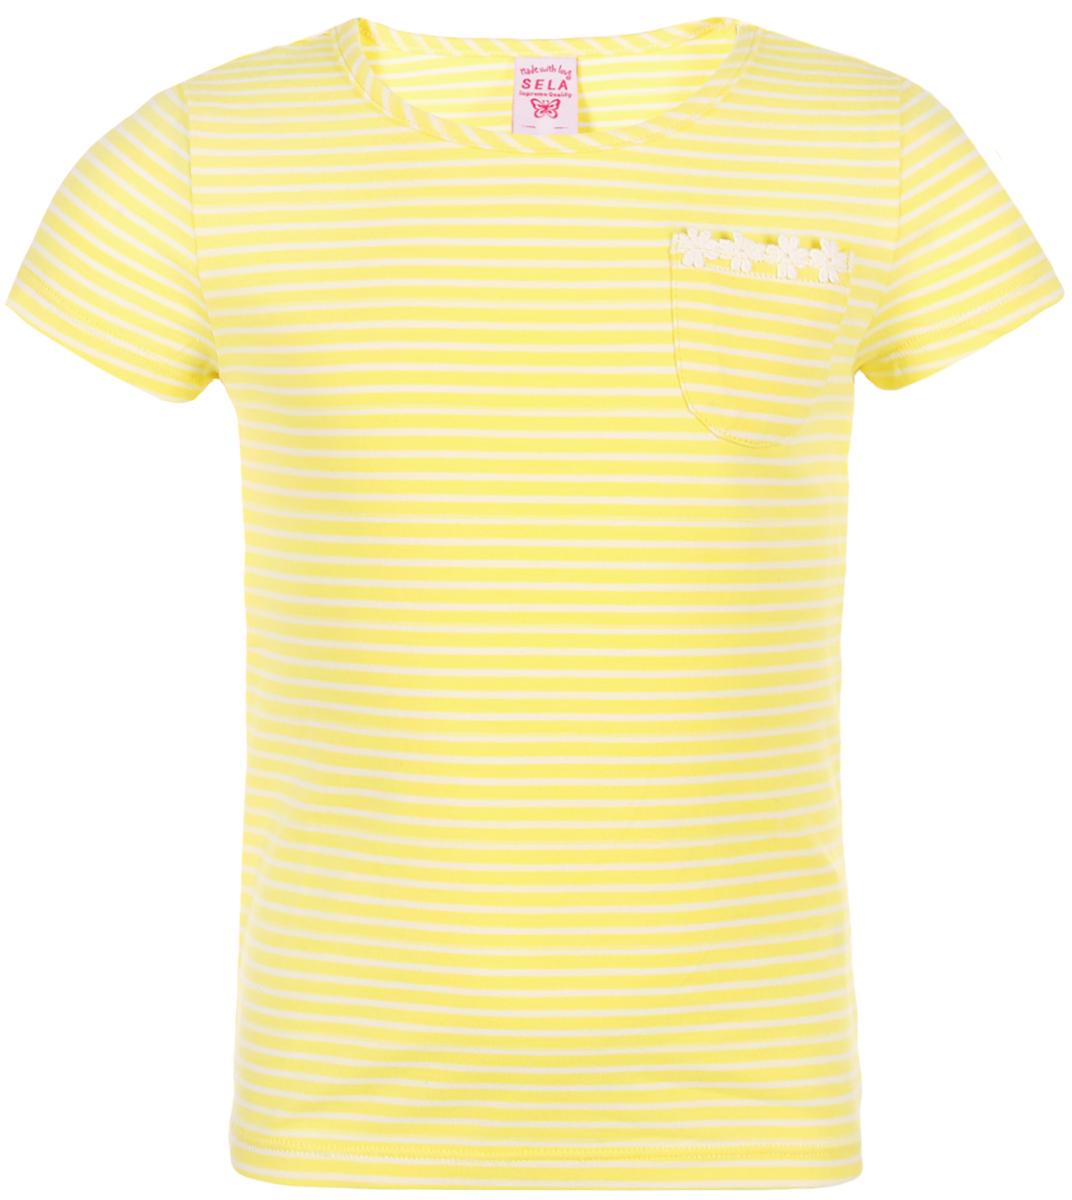 Футболка для девочки Sela, цвет: желтый. Ts-511/489-8223. Размер 116